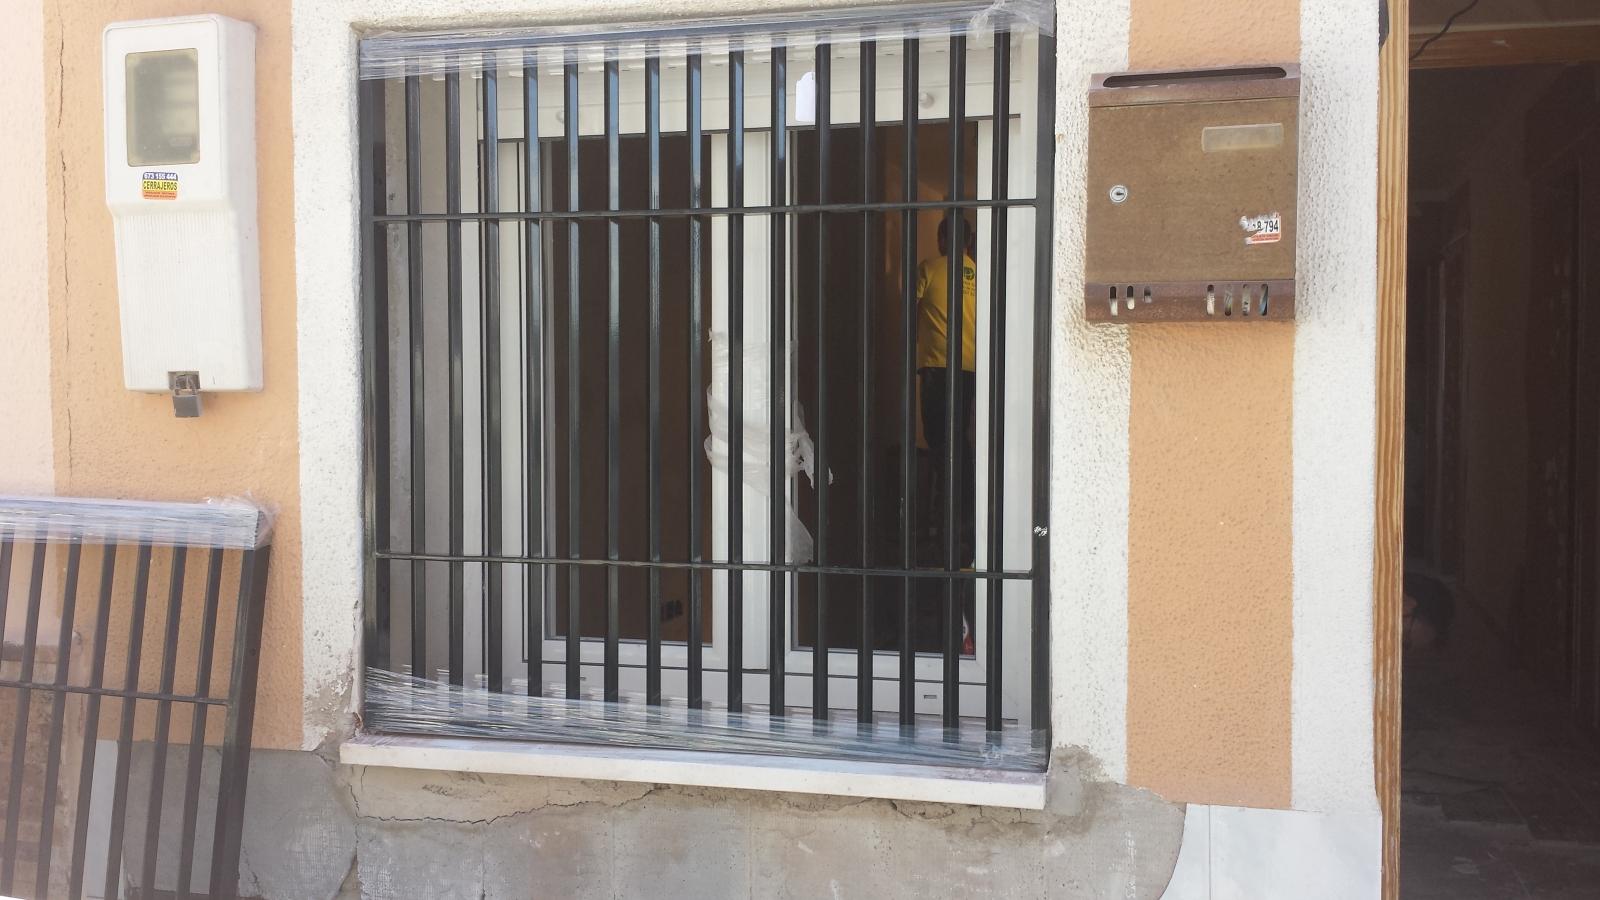 redes - Mosquiteras y redes para las ventanas y cómo proteger a nuestros gatos - Página 10 200tsi8